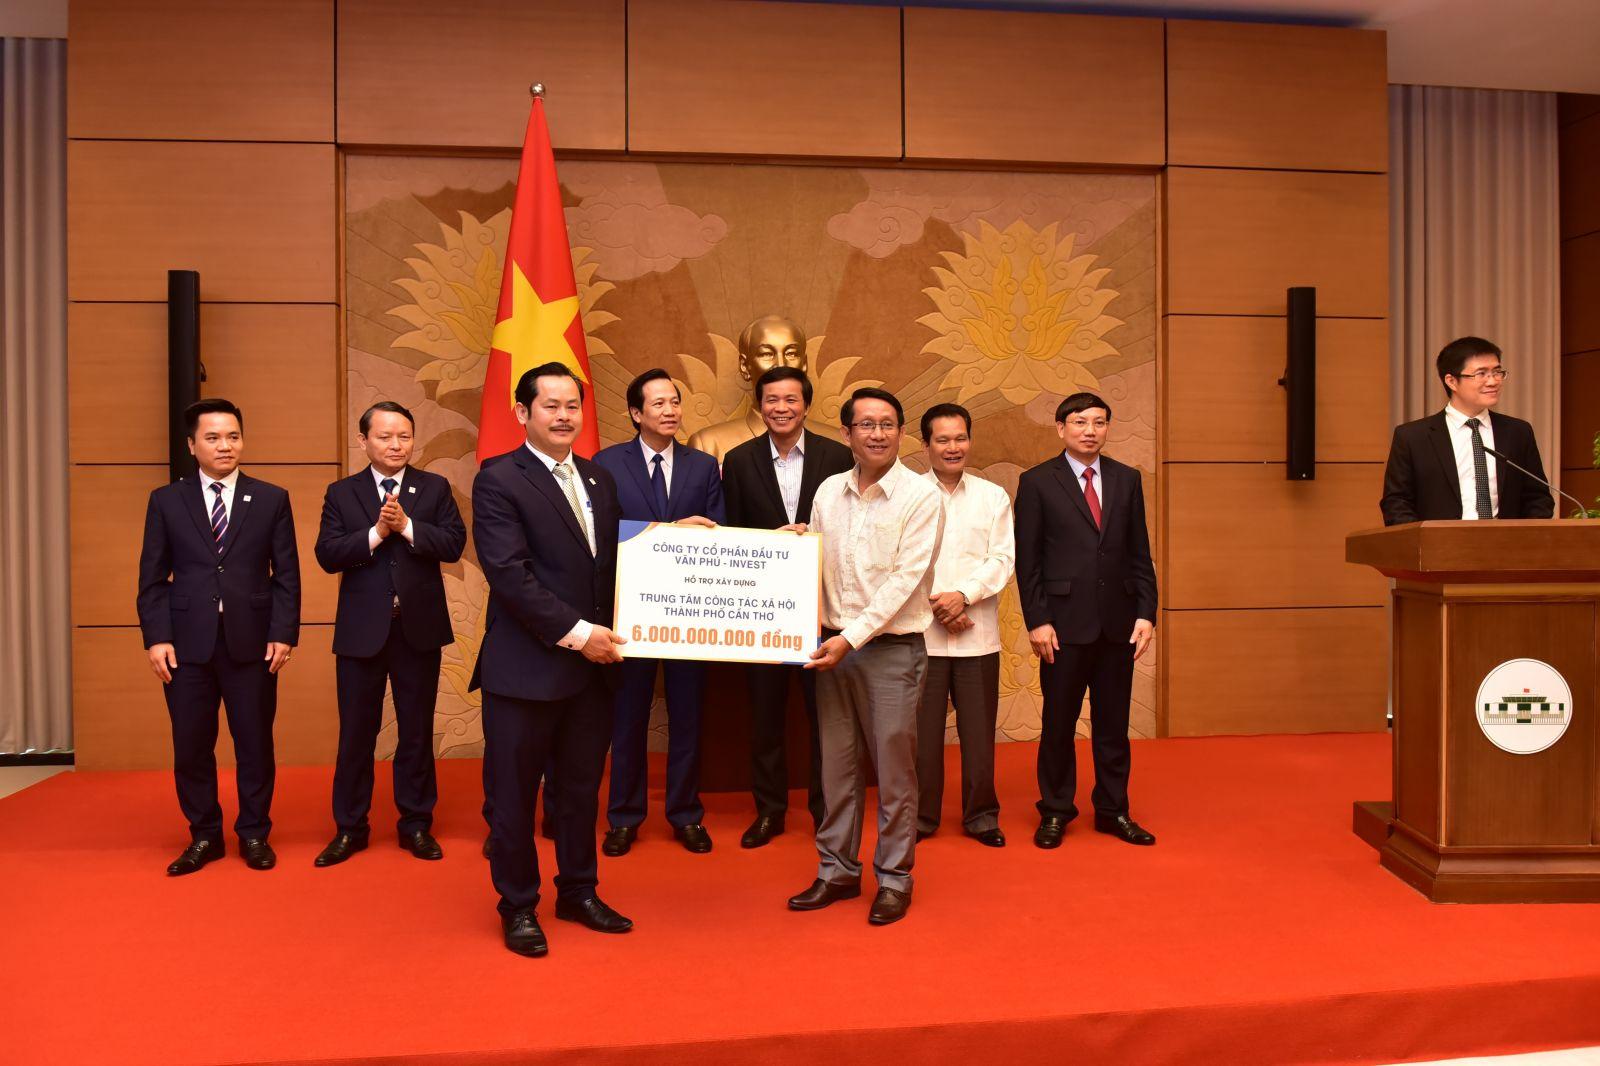 Đại diện Văn Phú – Invest trao tặng 6 tỷ đồng cho Trung tâm Công tác Xã hội thành phố Cần Thơ chuyên nuôi dưỡng trẻ mồ côi và trẻ bị ảnh hưởng của chất độc da cam/dioxin.